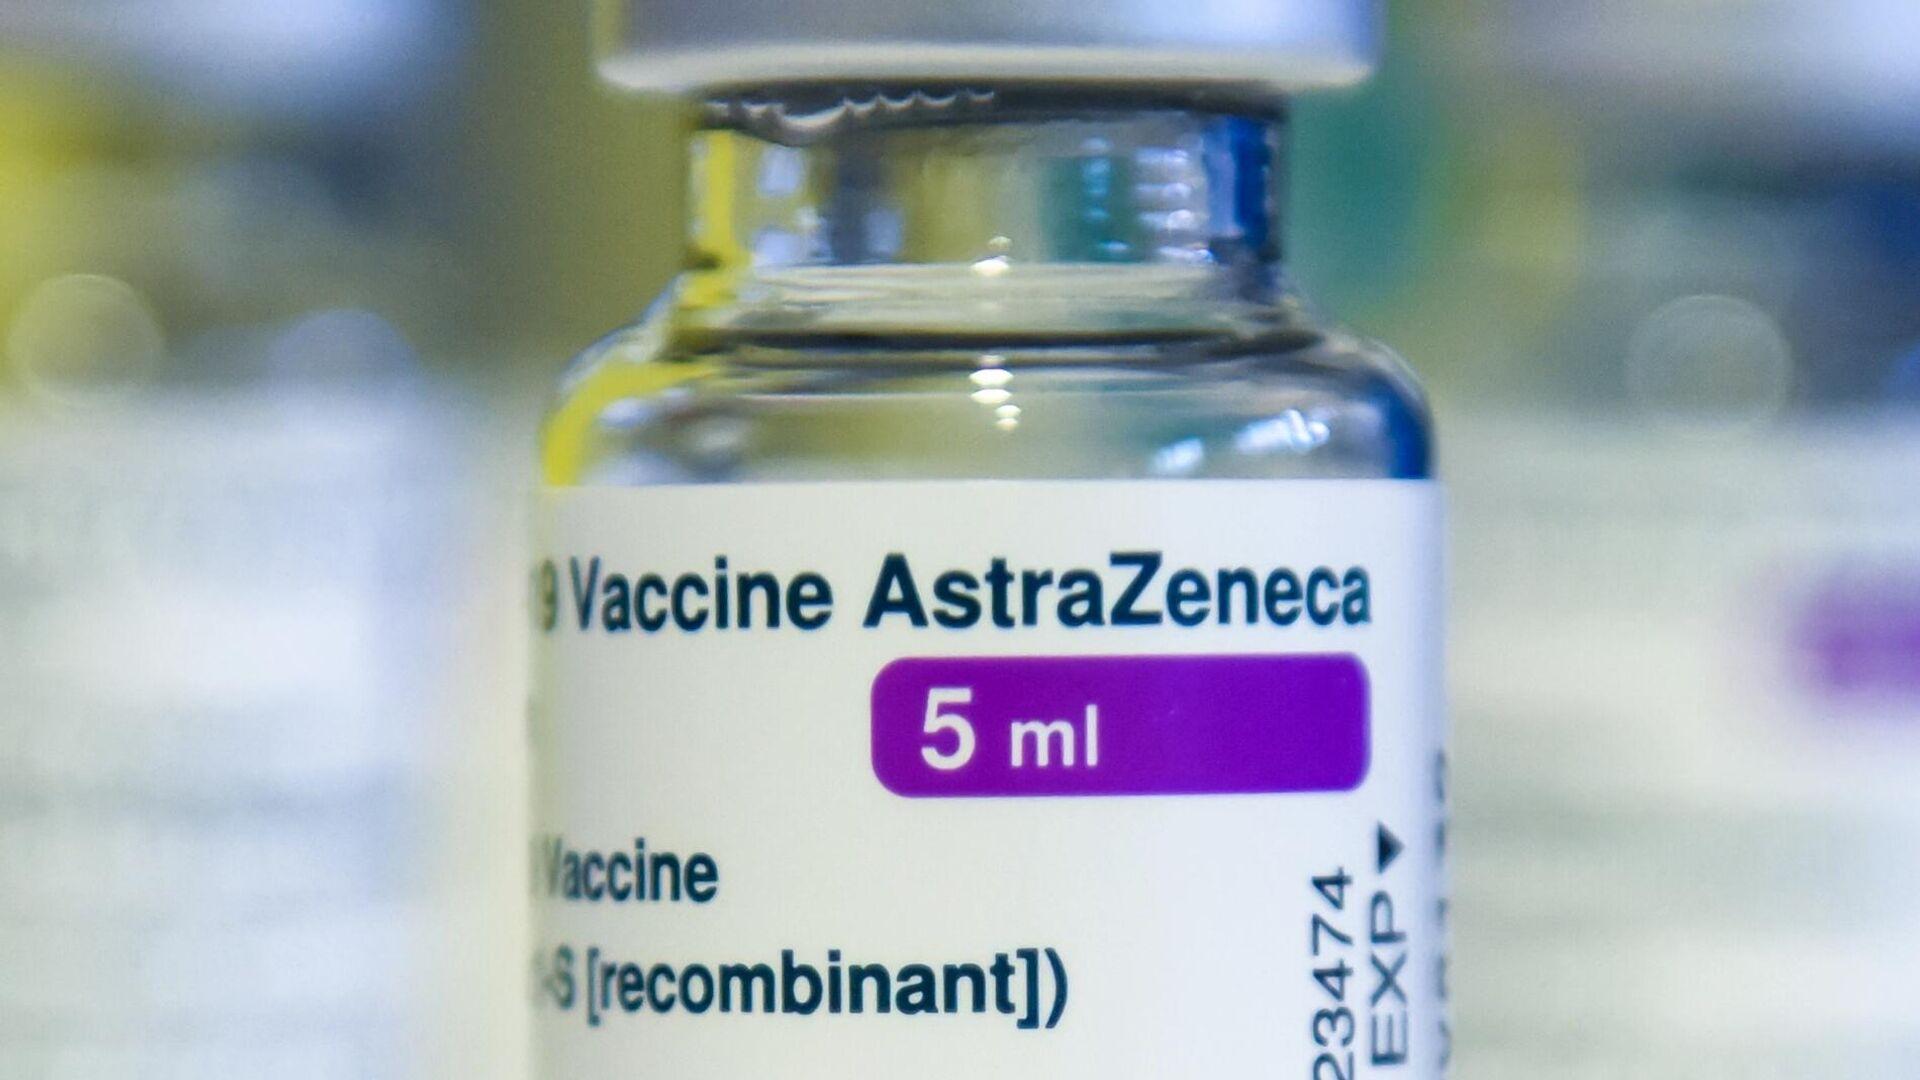 Вакцина Oxford/AstraZeneca от COVID-19 - Sputnik Беларусь, 1920, 12.10.2021